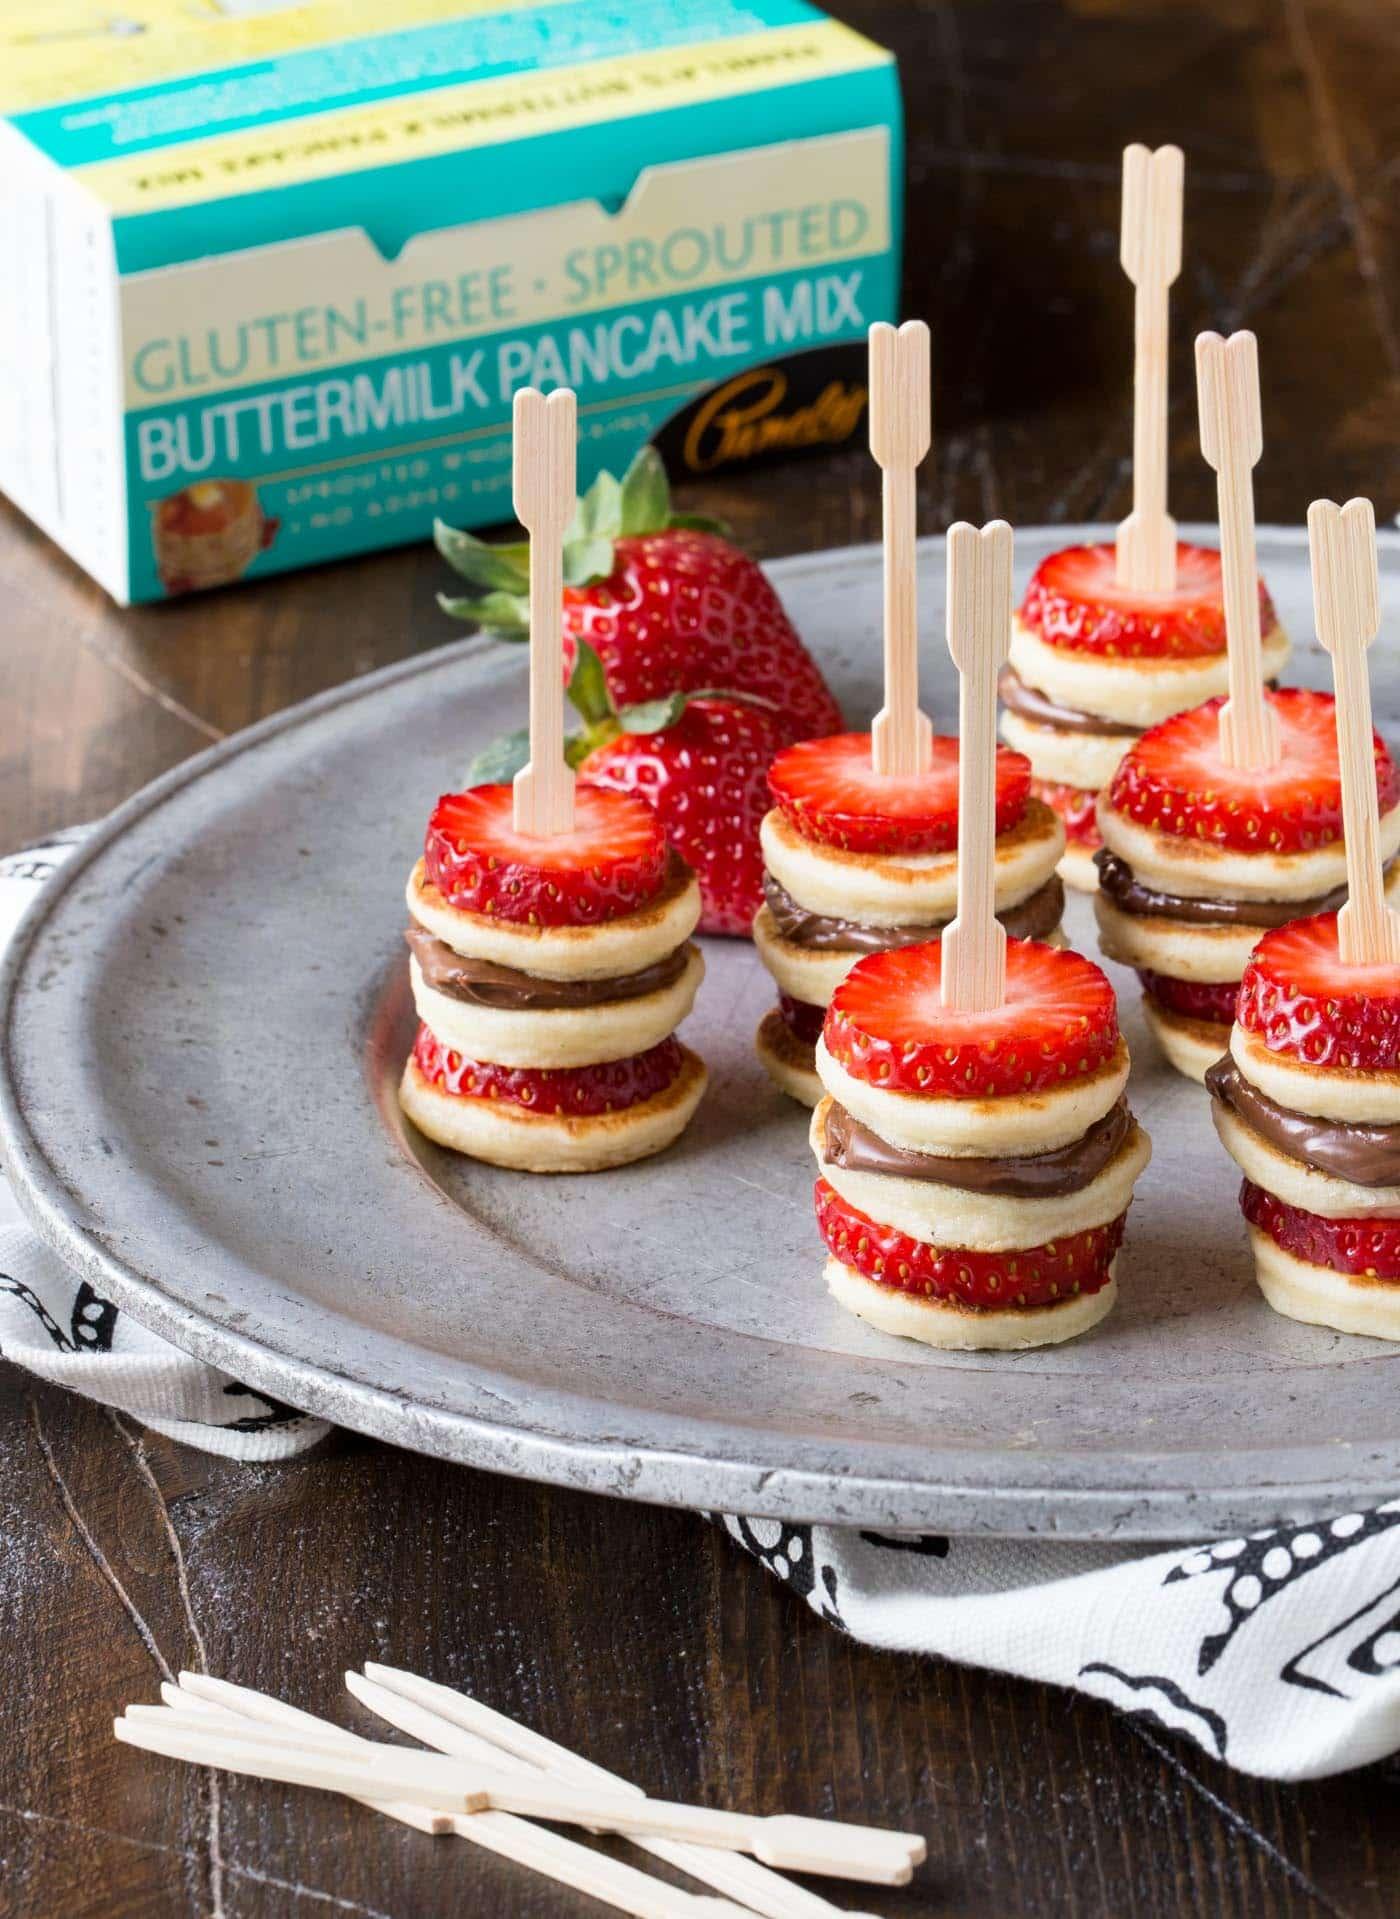 Day 3 - Mini Pancake Skewers a Gluten Free Version {100 Days of Summer Fun}